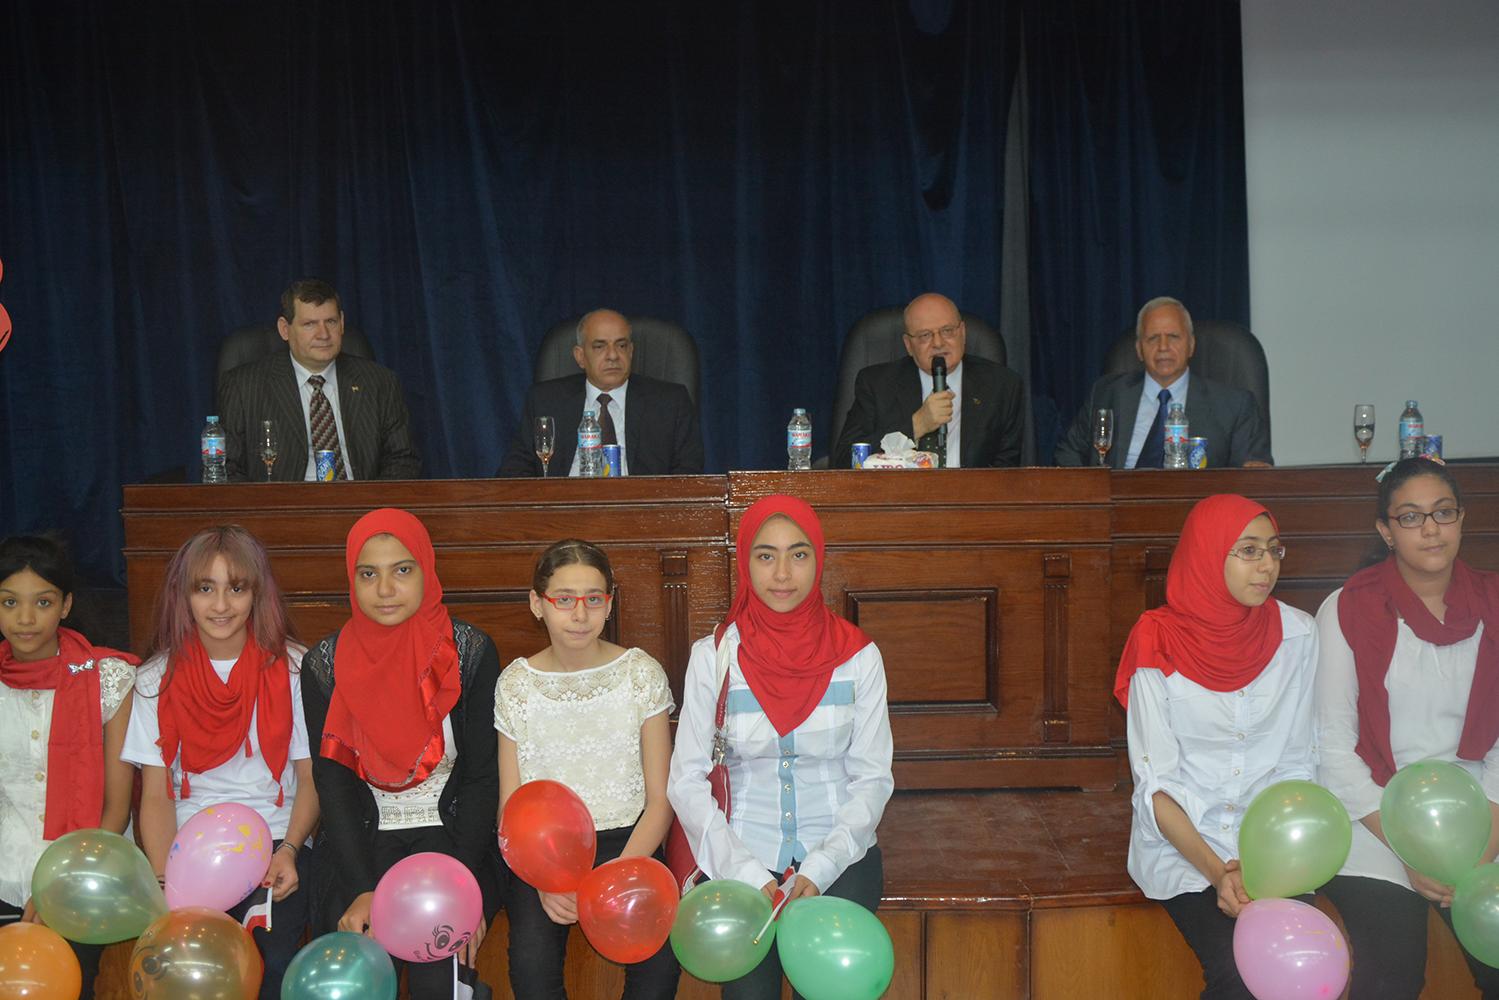 احتفالية لاستقبال طلاب جامعة الطفل بجامعة الزقازيق